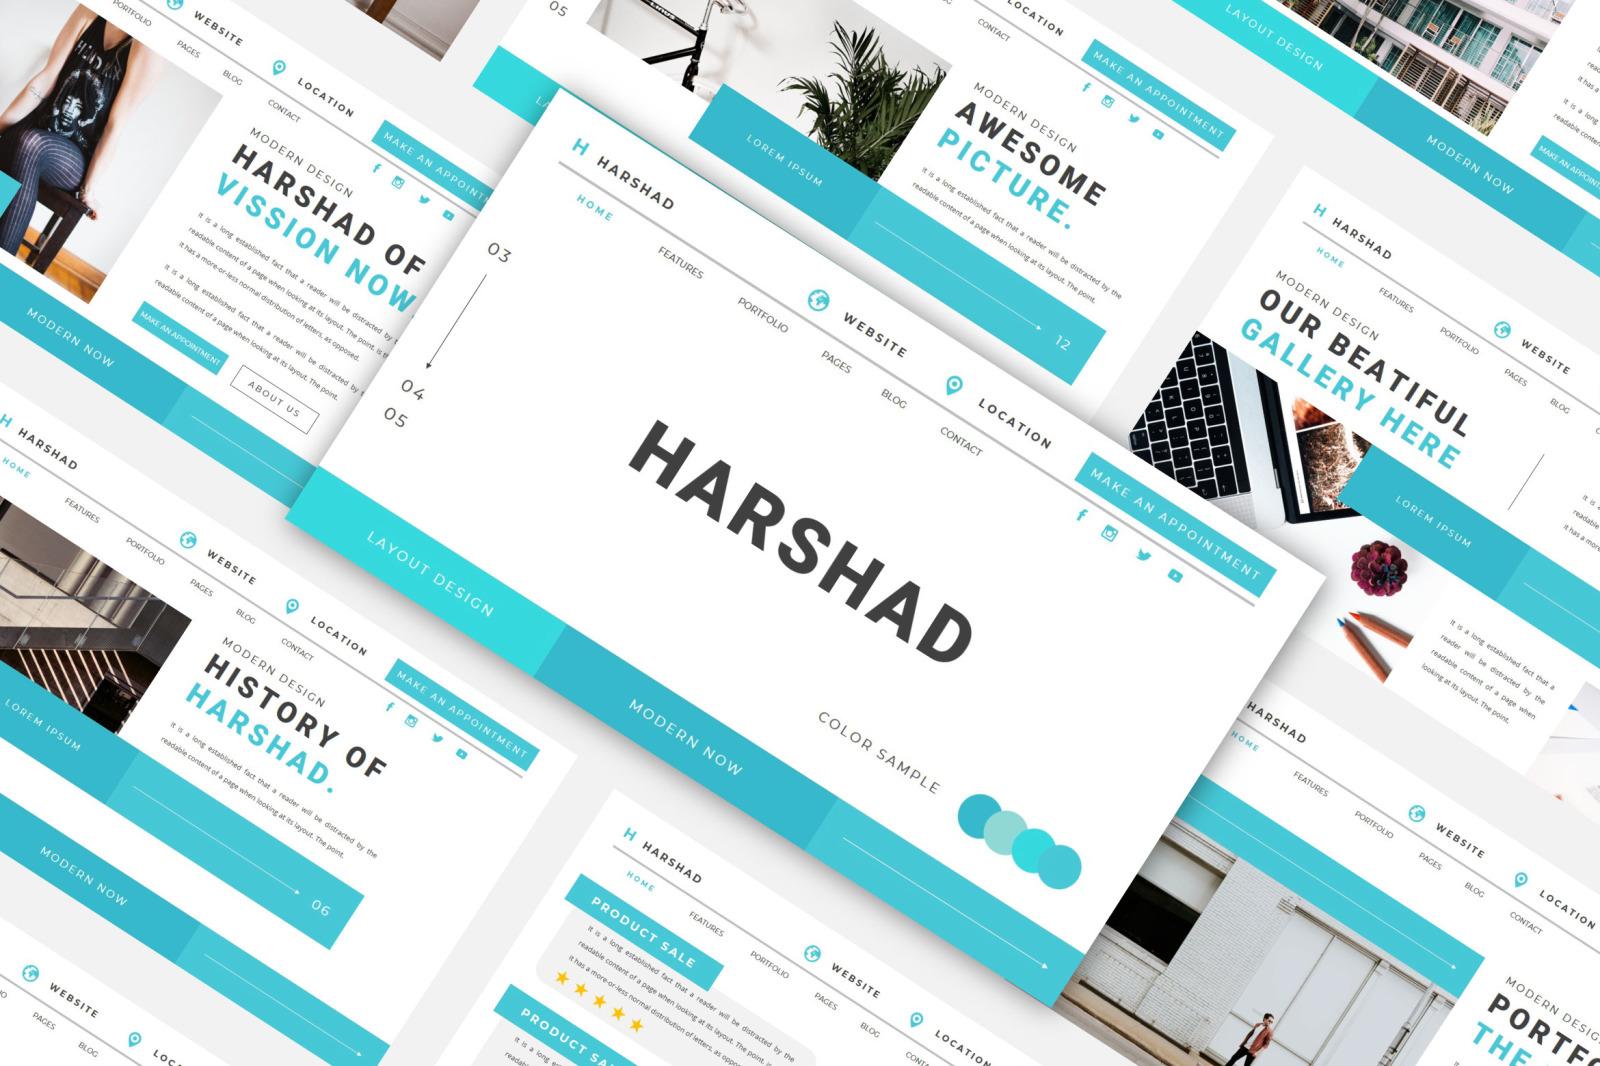 HARSHAD Google Slides